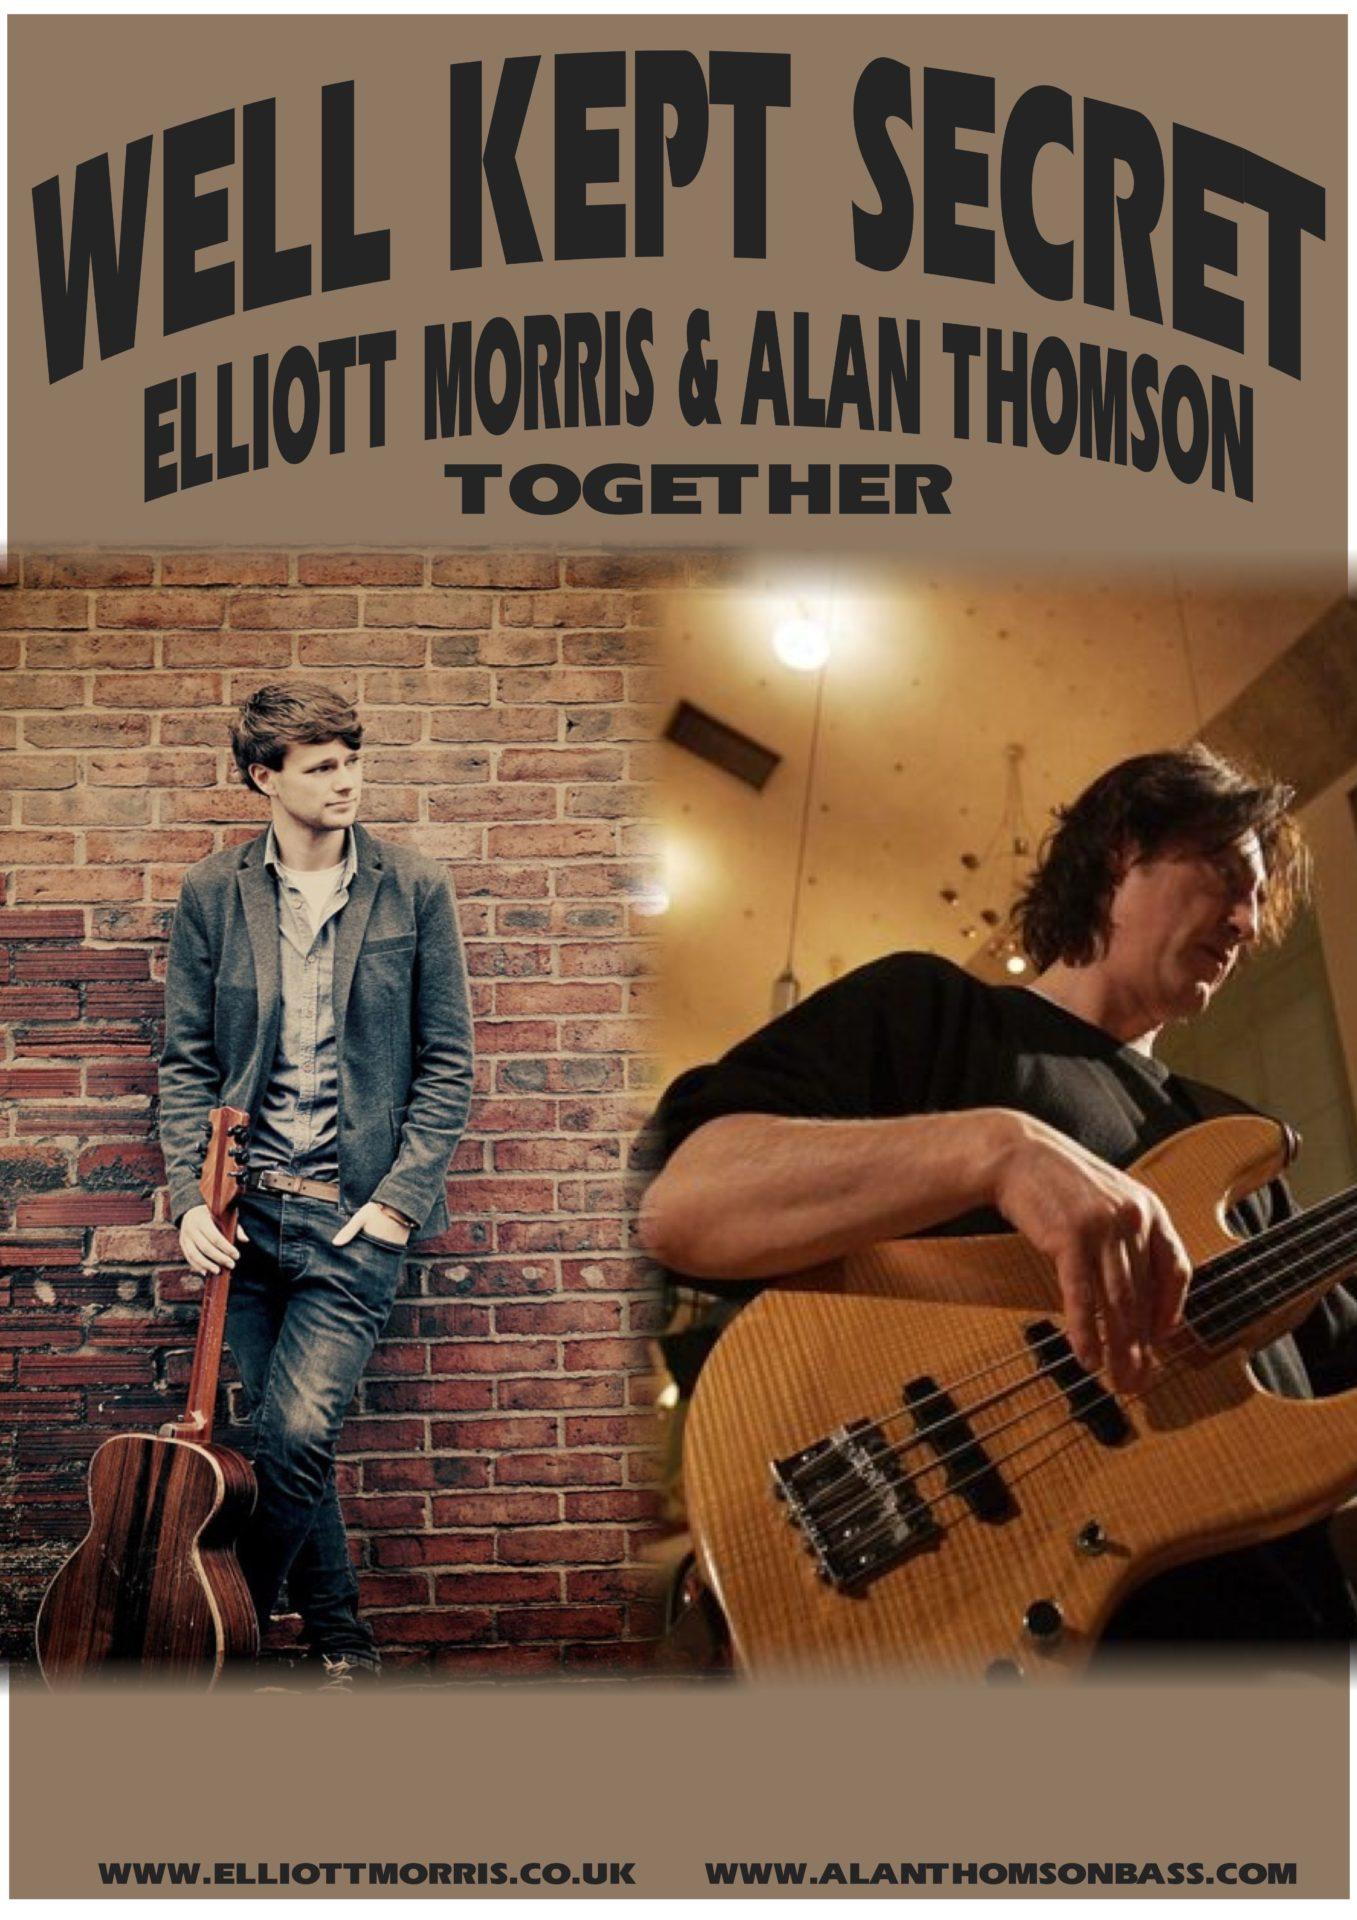 Well Kept Secret – Elliott Morris & Alan Thomson